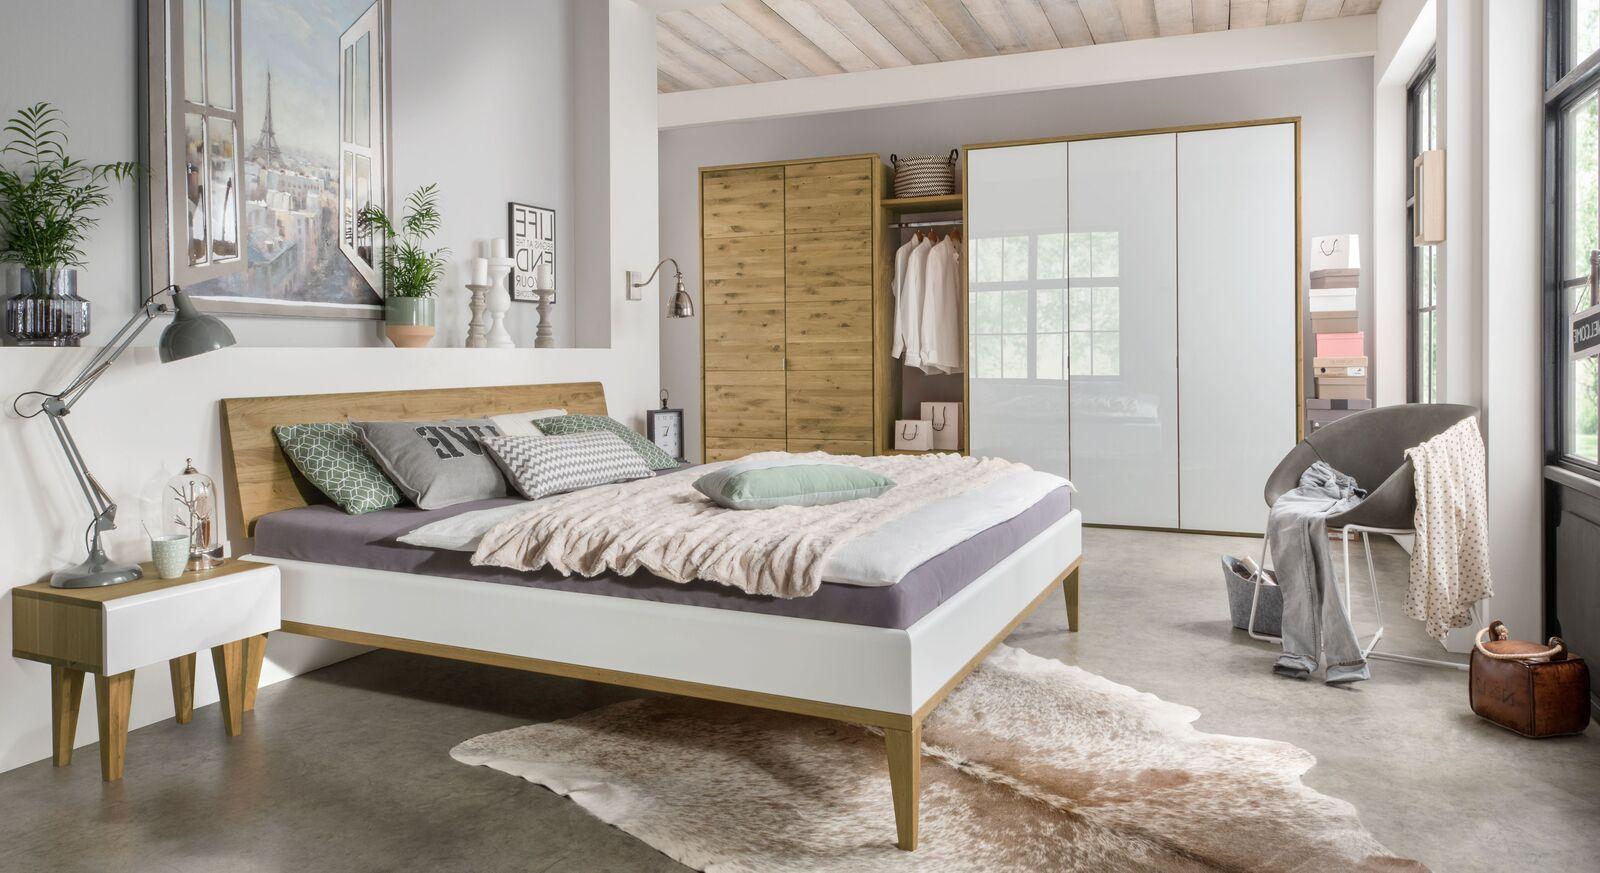 Komplett-Schlafzimmer Vacallo im angesagten Retro-Look